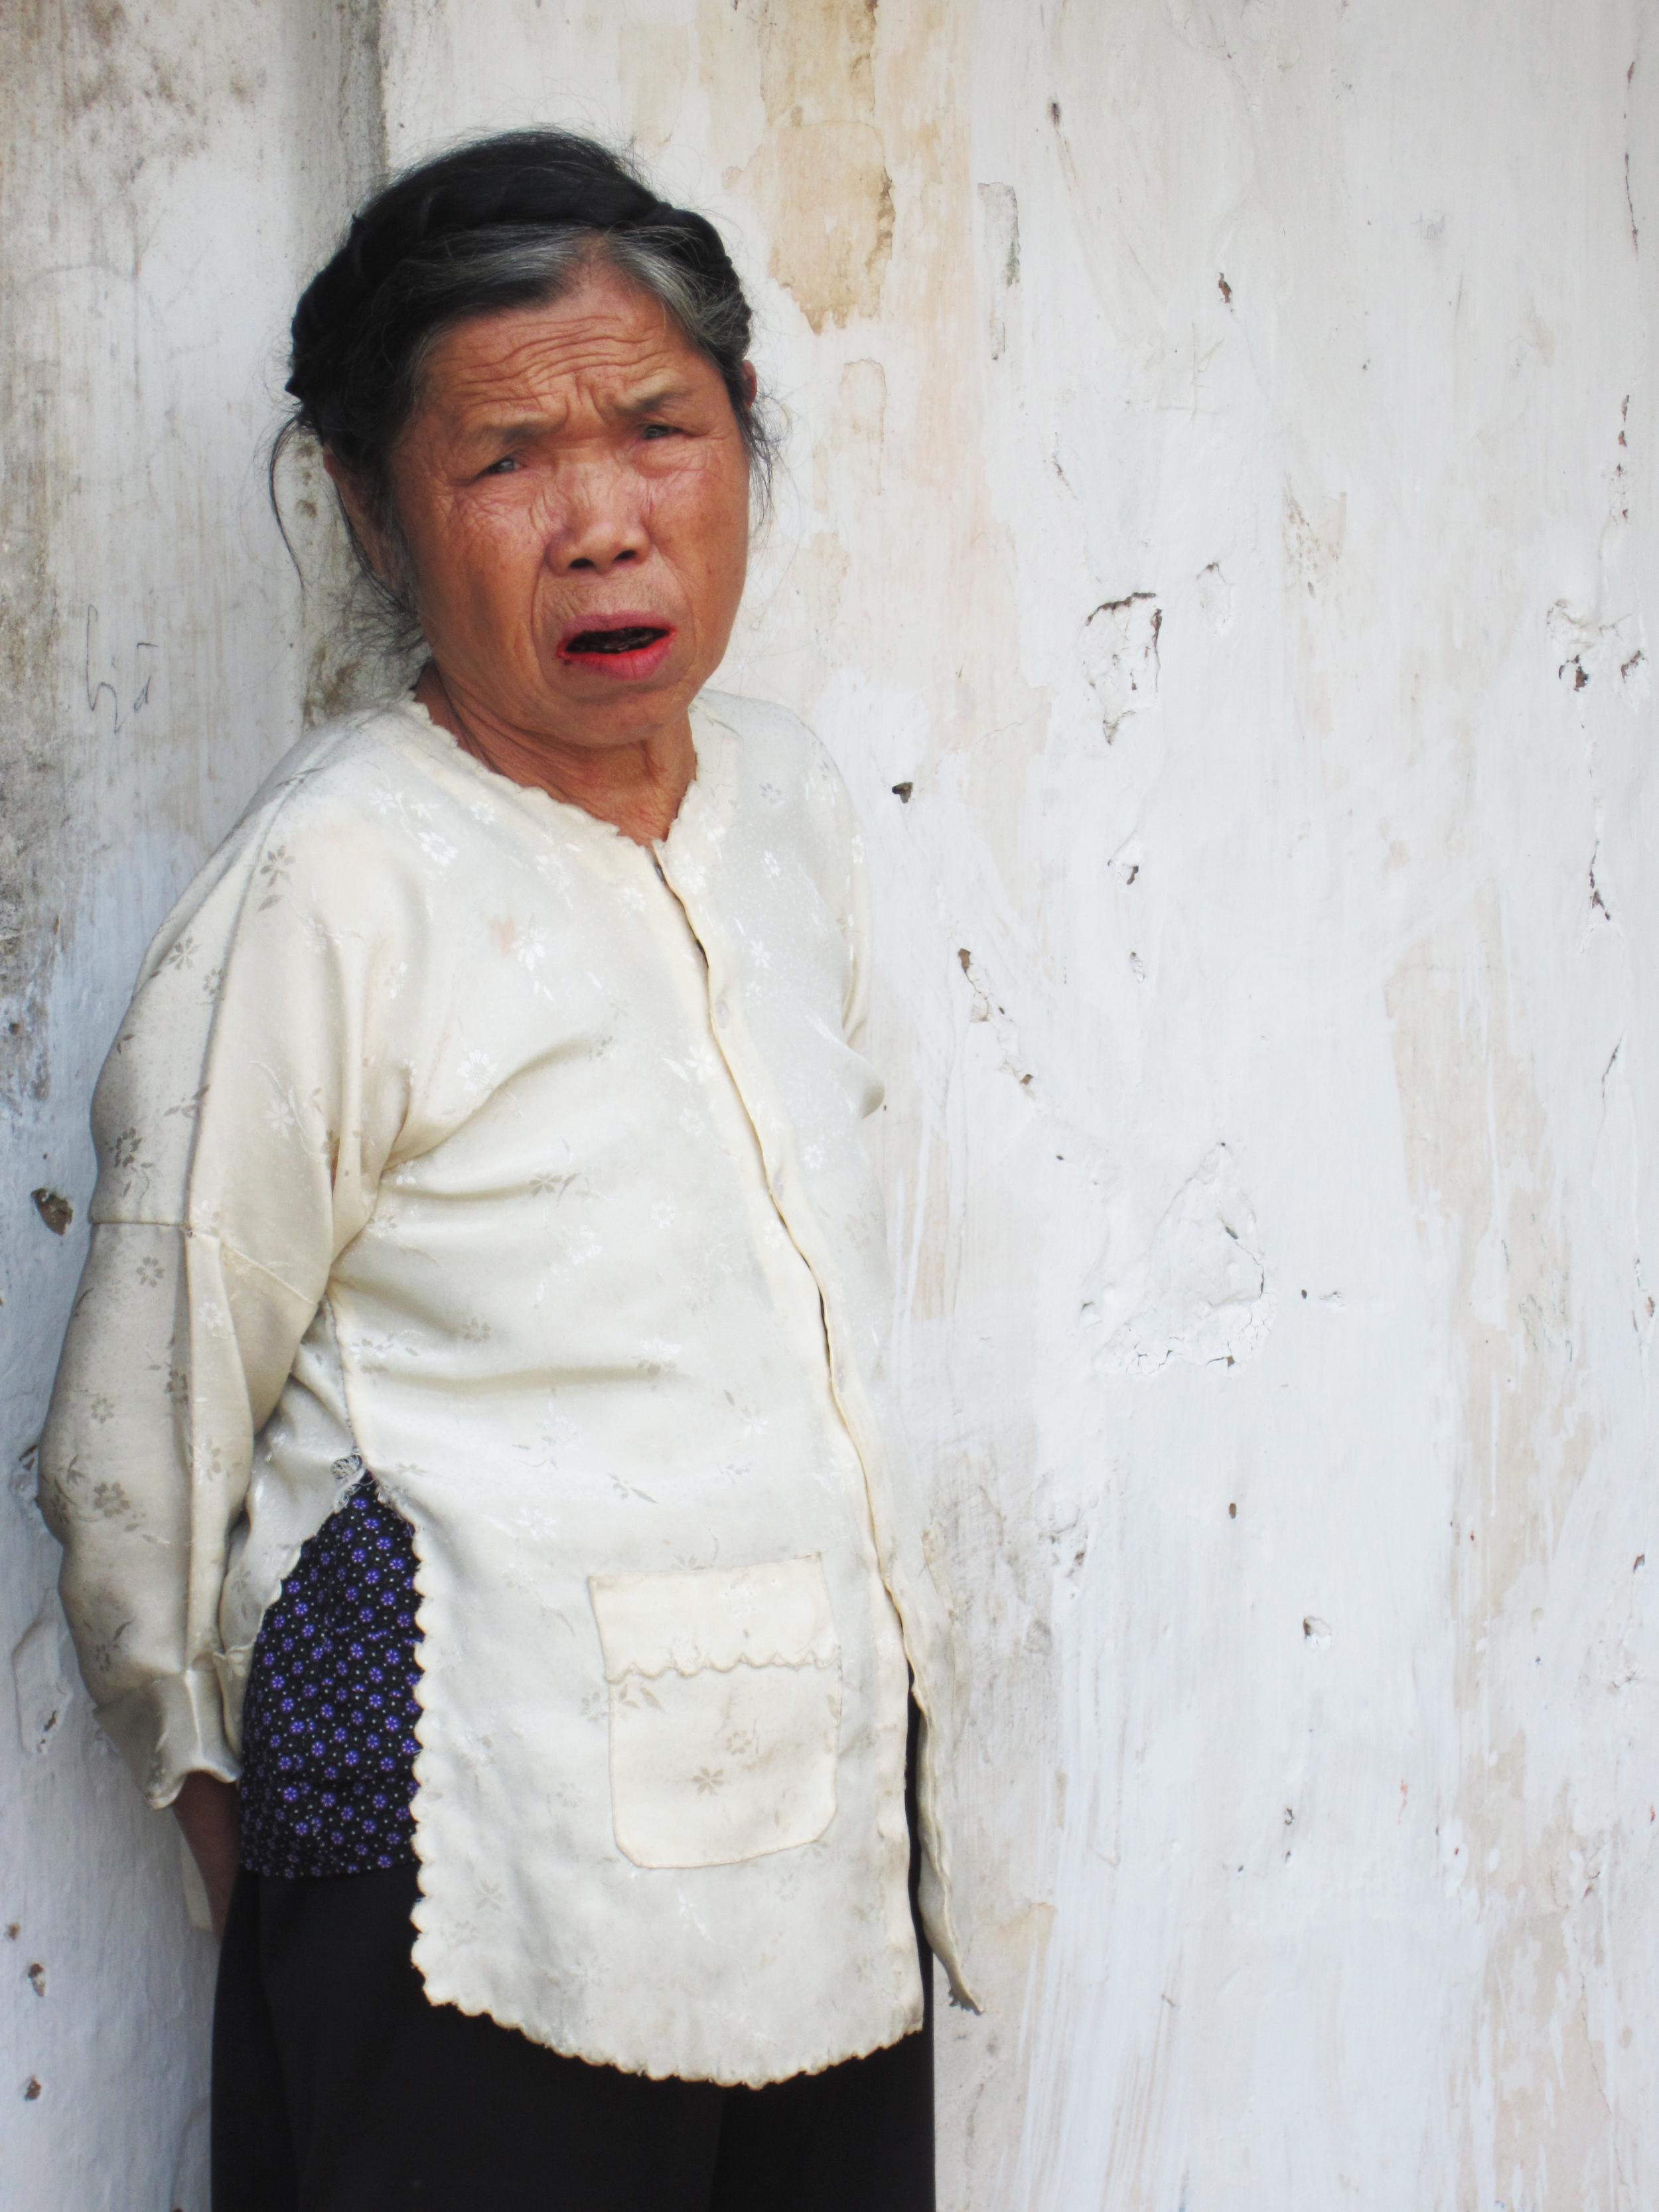 'Co oi' - Duong Lam, Vietnam